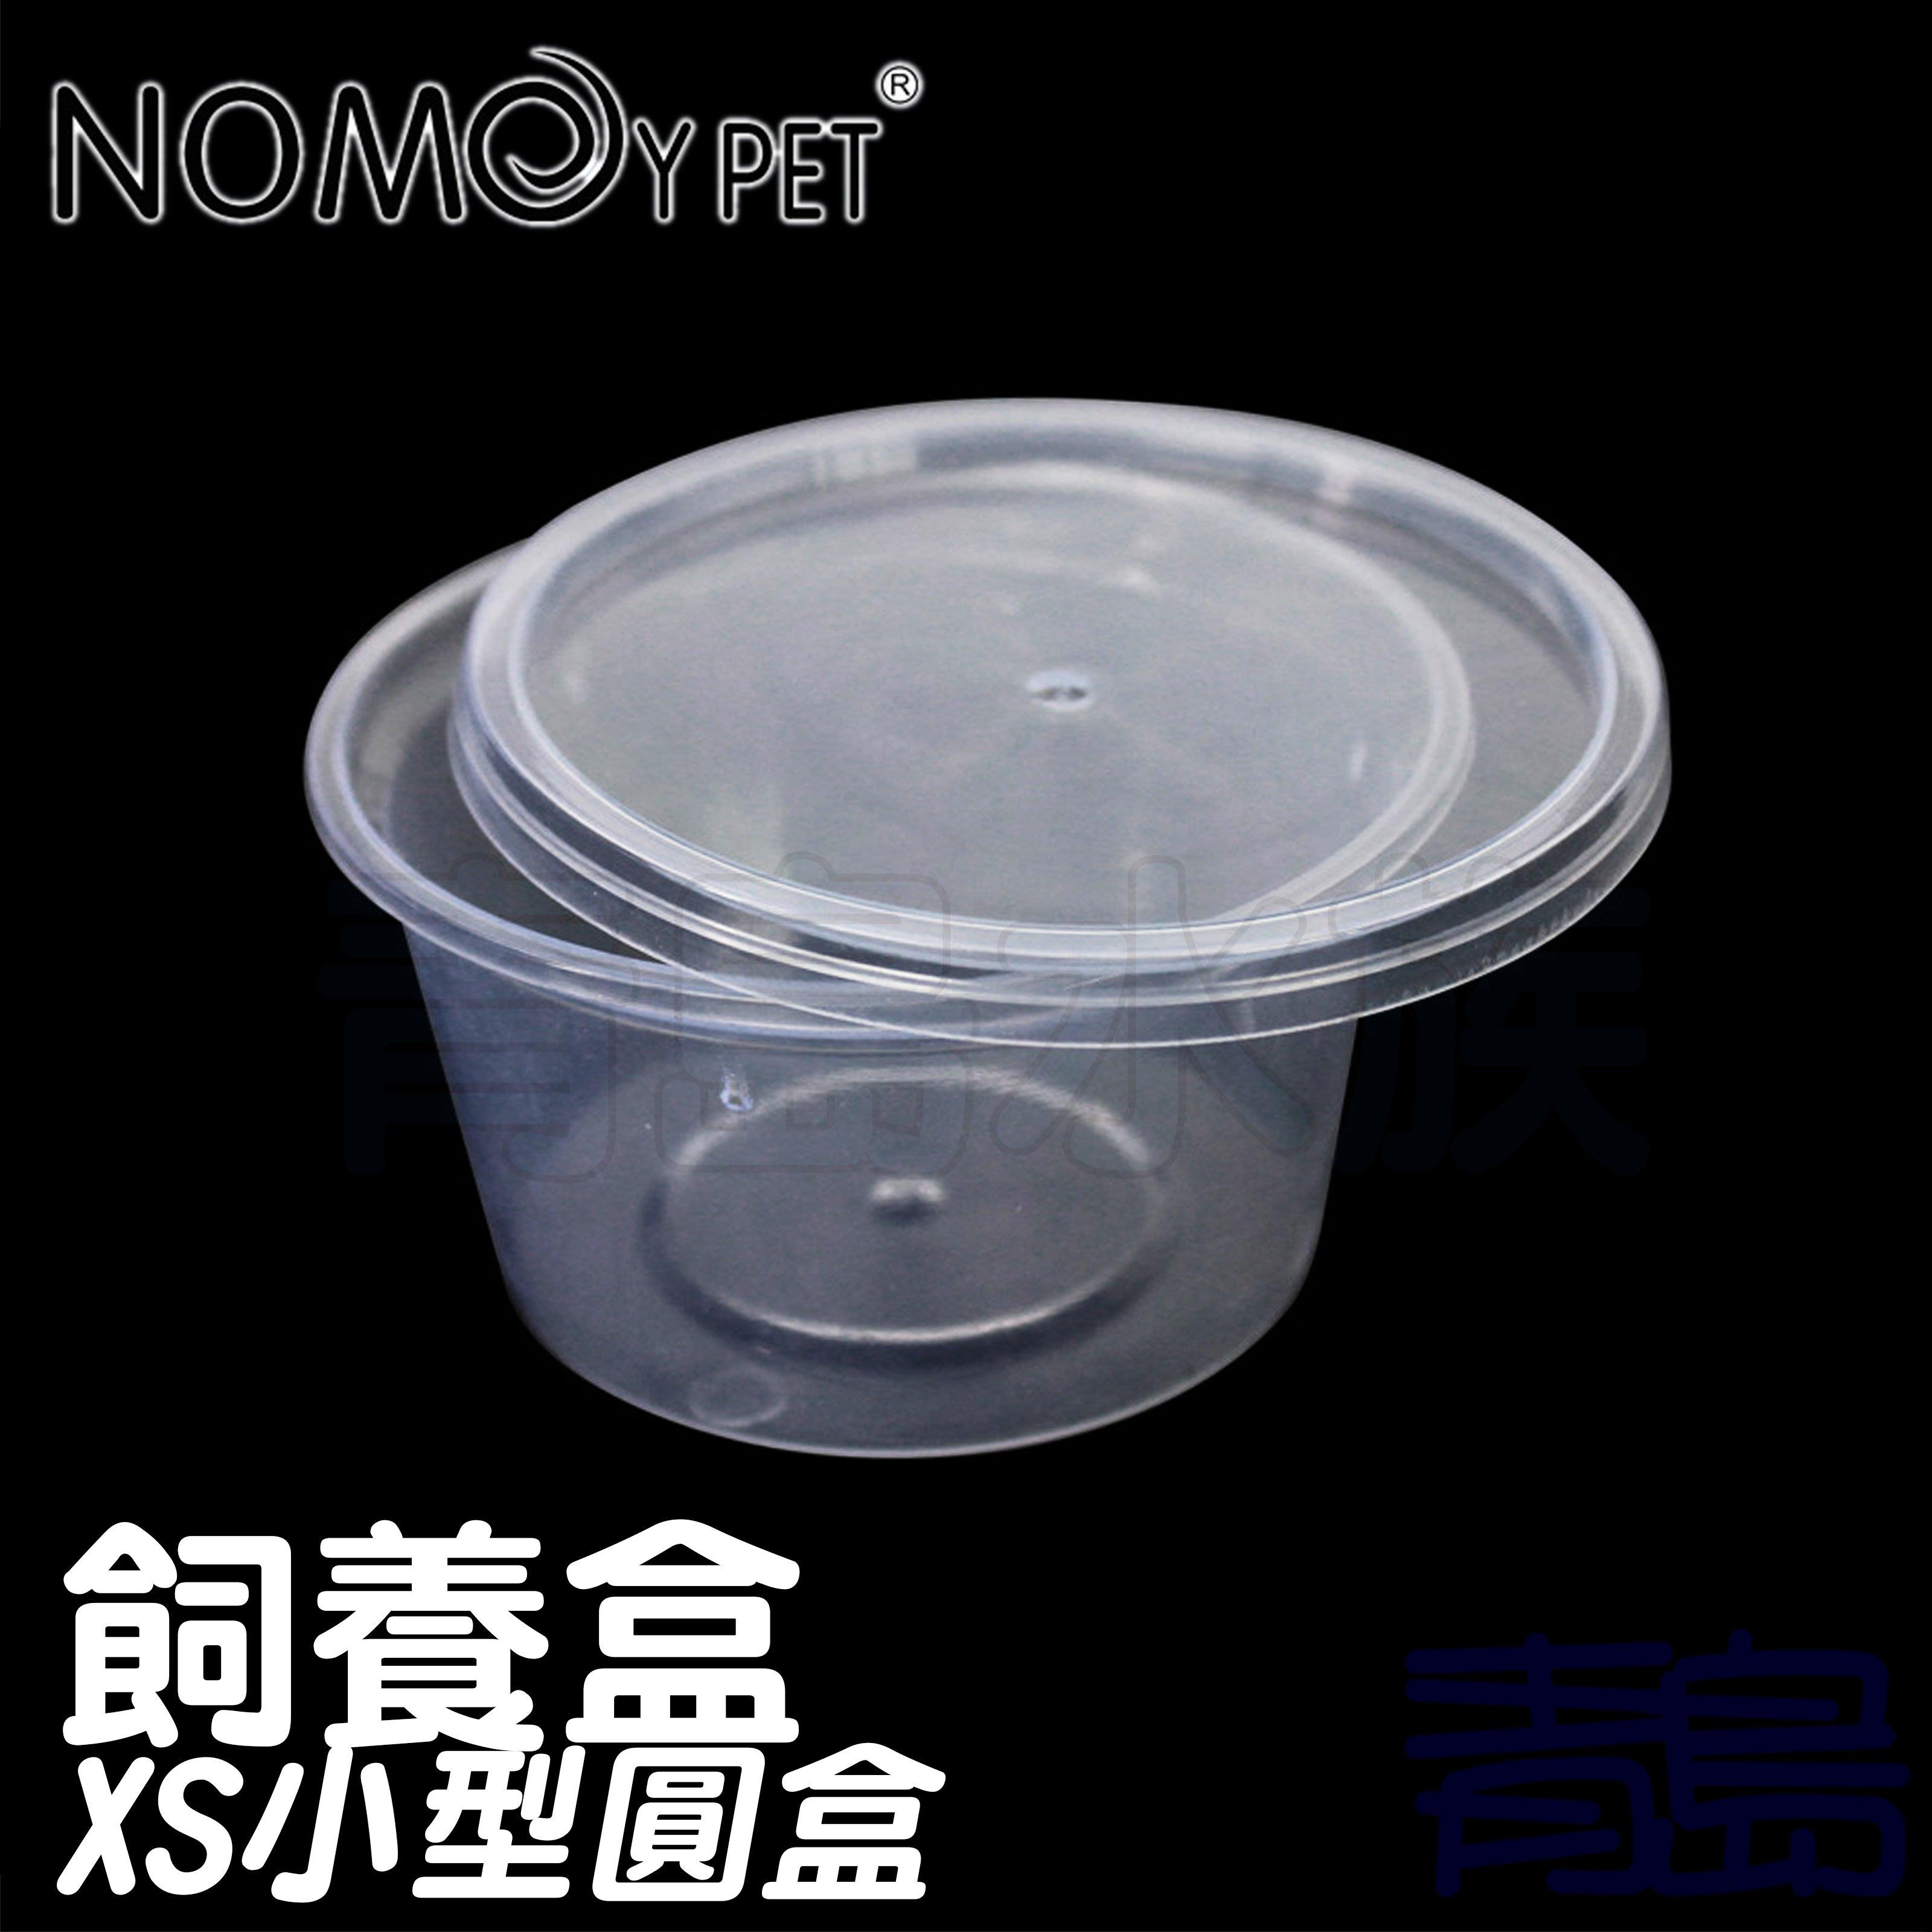 Y。。。青島水族。。。H2中國NOMO諾摩-掌上名蛛 爬蟲飼養盒 可堆疊飼育盒 爬蟲箱 蜘蛛蠍子蟋蟀==XS迷你/圓型